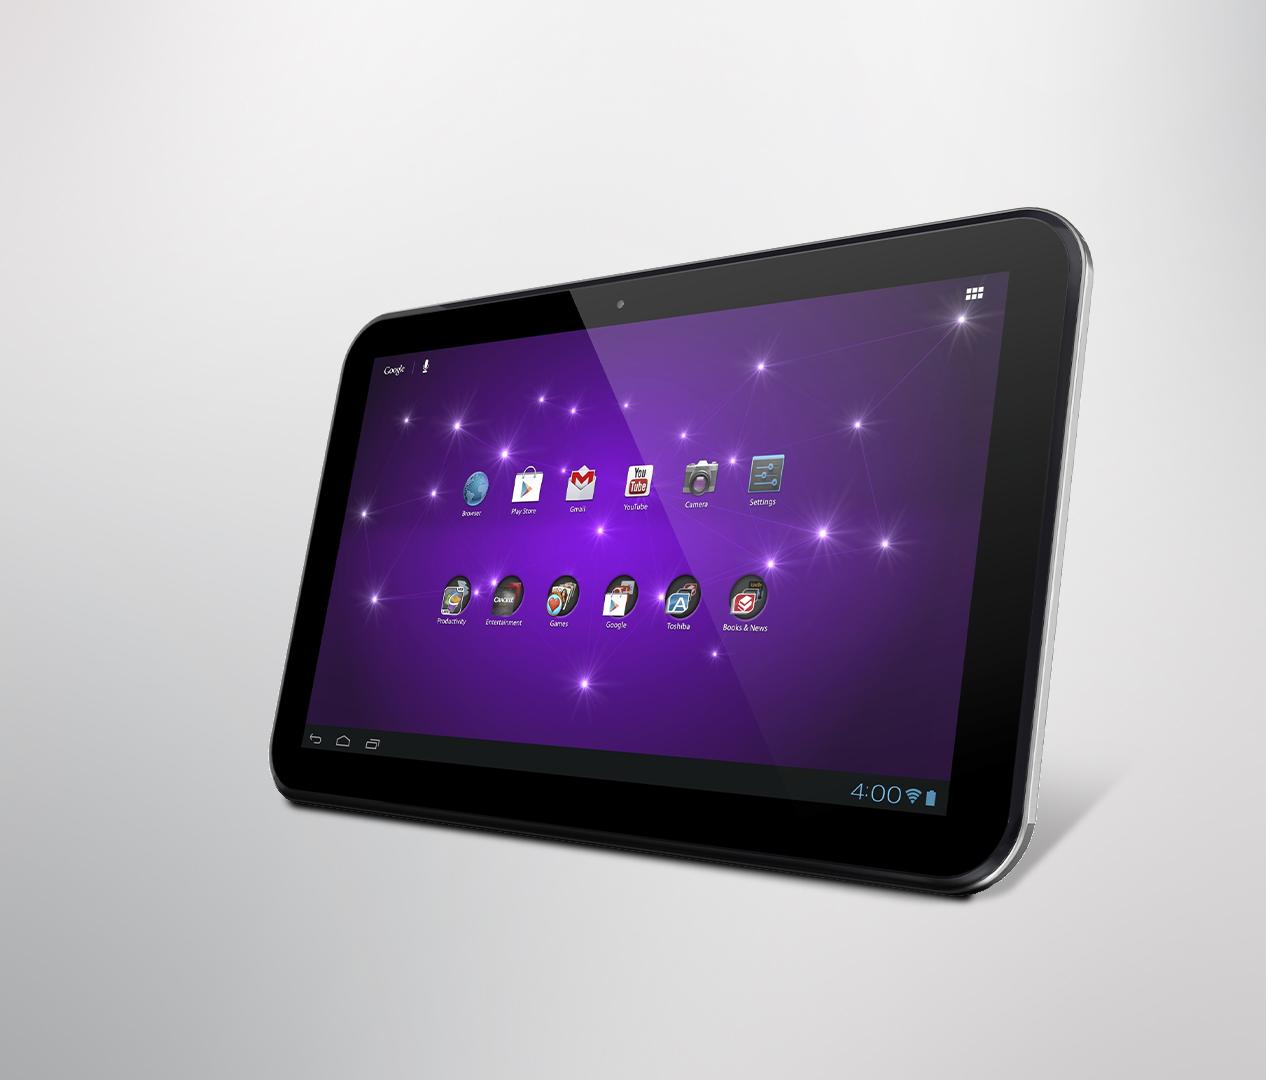 POS Tablet - Zweyloeven Werbeproduktion GmbH